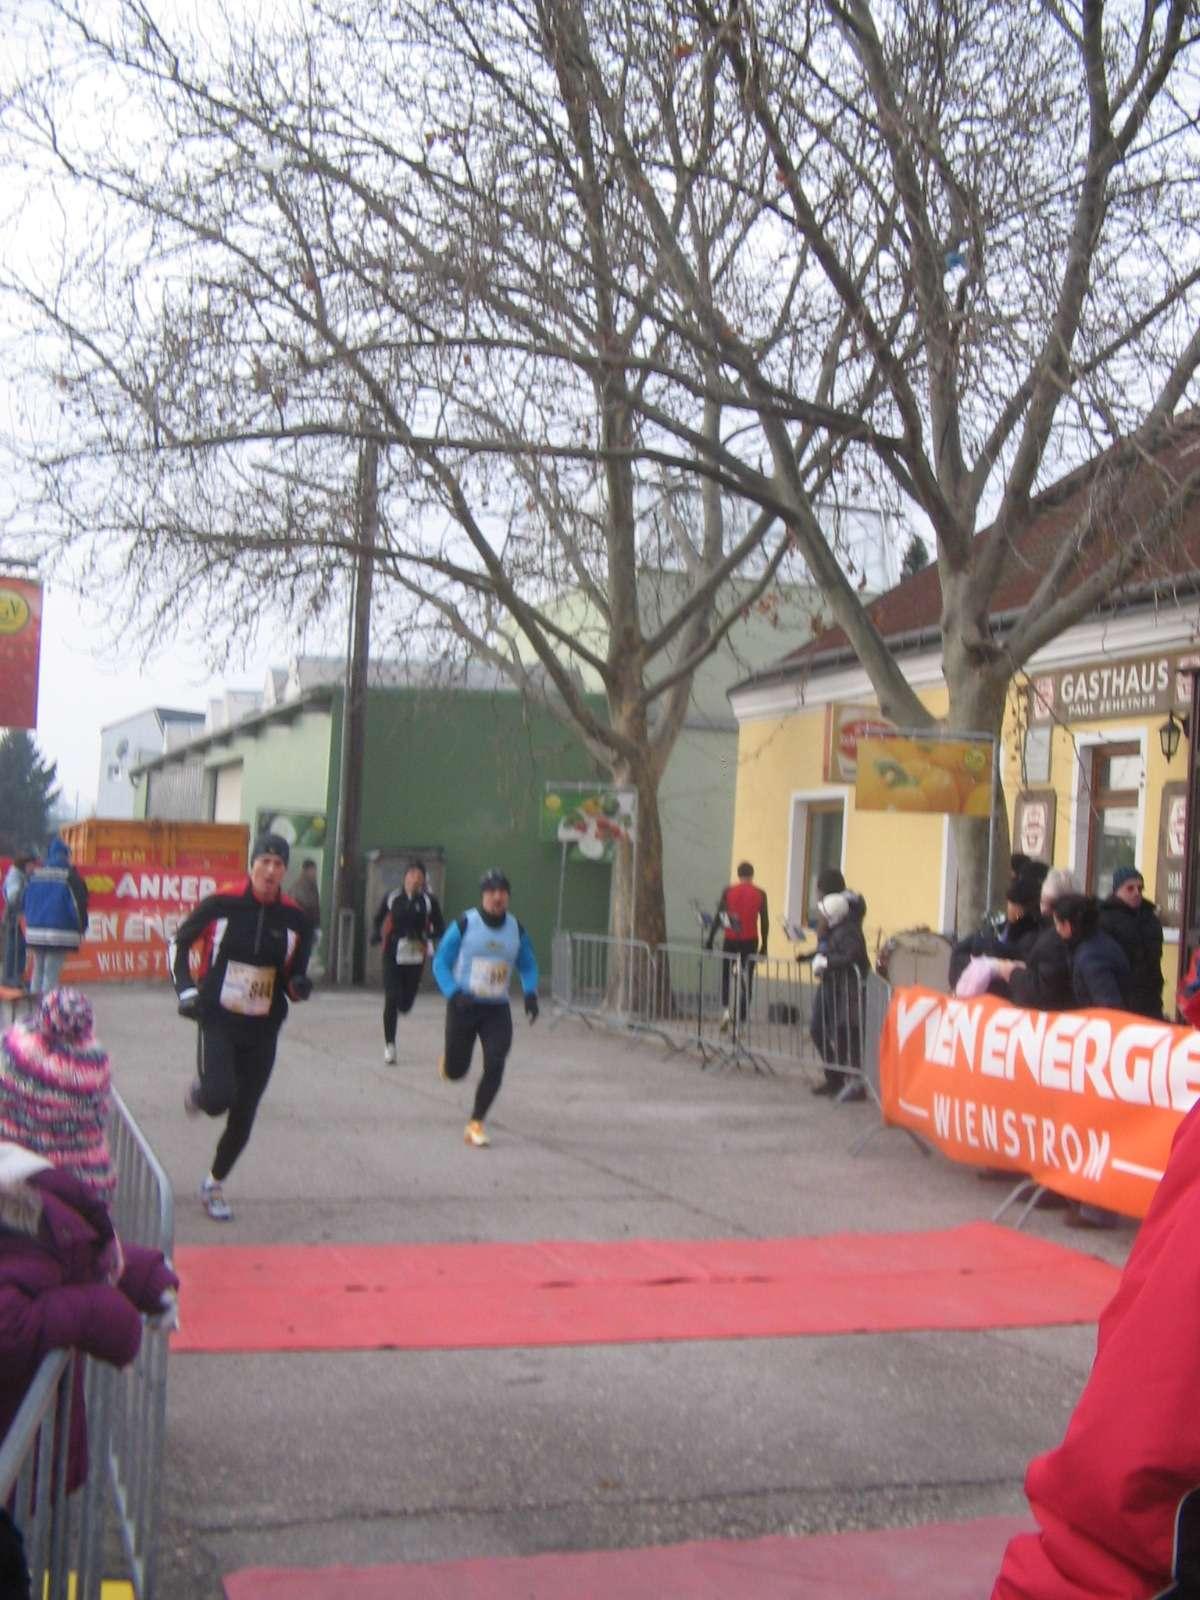 10. Simmeringer Haide Dreikönigslauf - Žohar utrčava u cilj